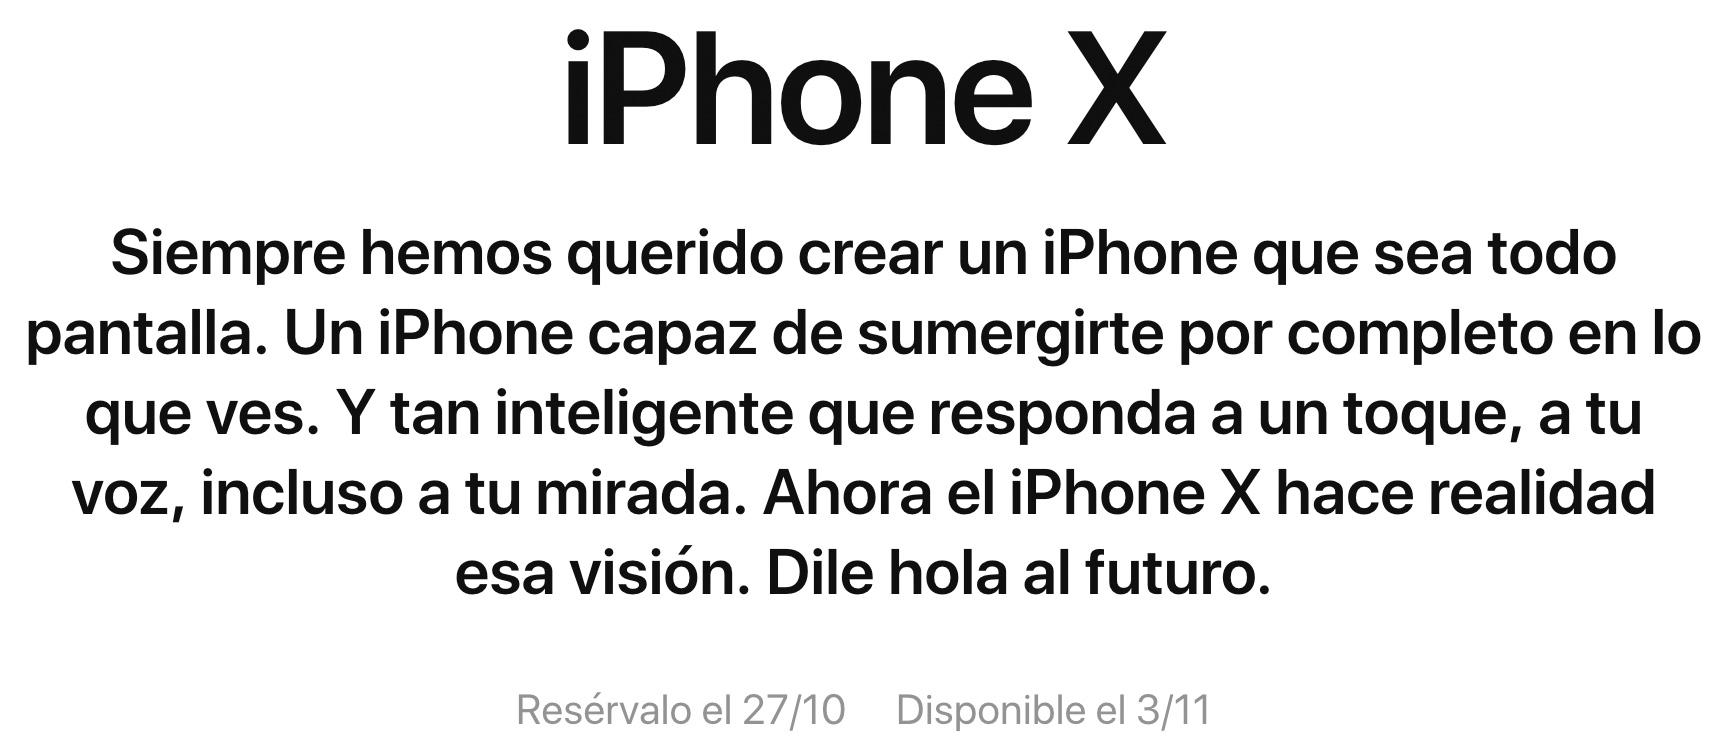 Cita de la web de Apple™ sobre el iPhone X